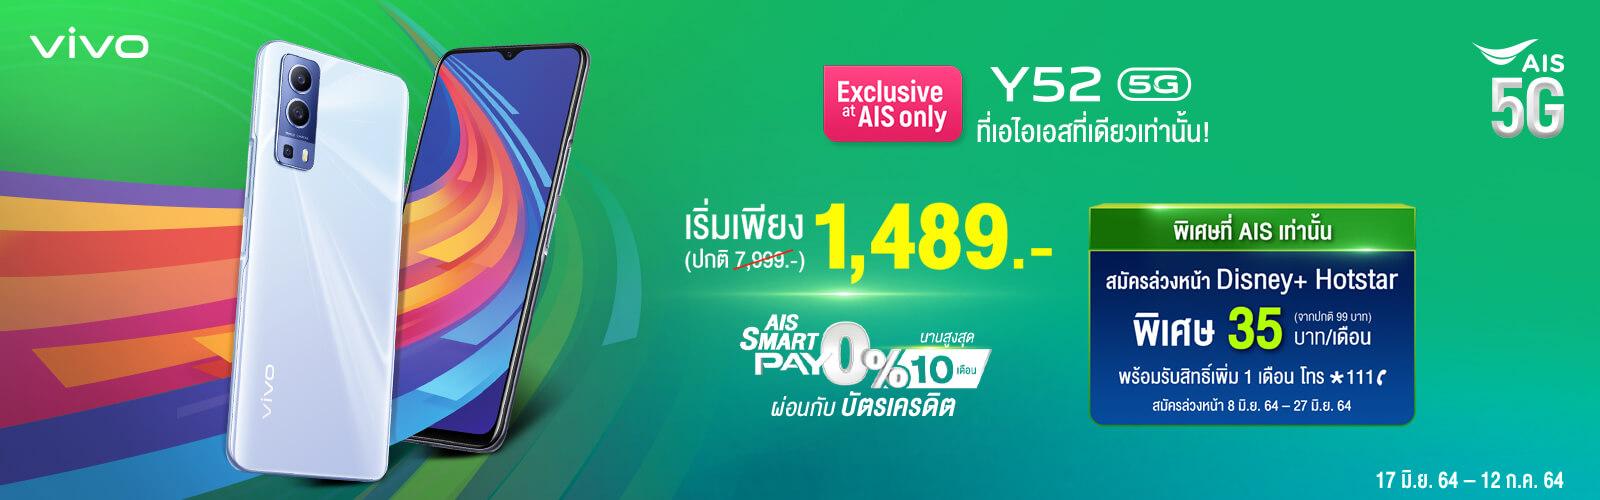 VIVO Y52 5G (CDM)